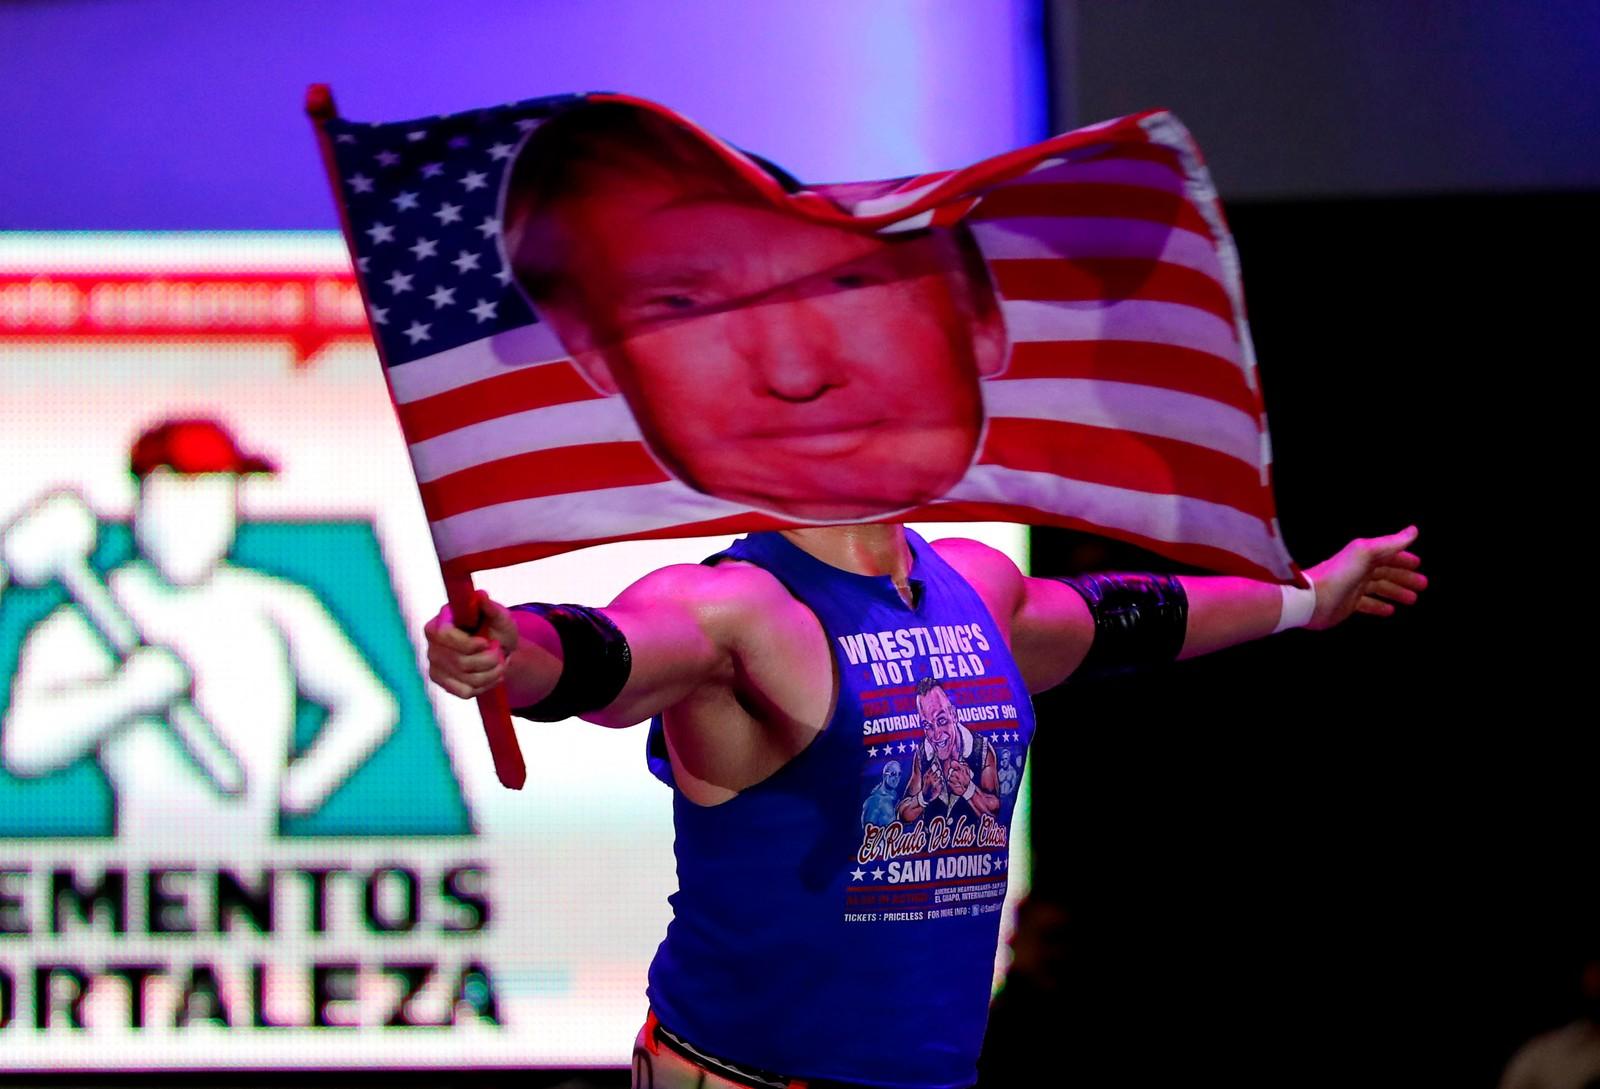 Sam Polinsky, også kjent som Sam Adonis, er mannen mexicanere elsker å hate. Fribryteren har blitt en sensasjon i Mexico etter å ha skapt en karakter som minner om en svært overbevist Trump-tilhenger.